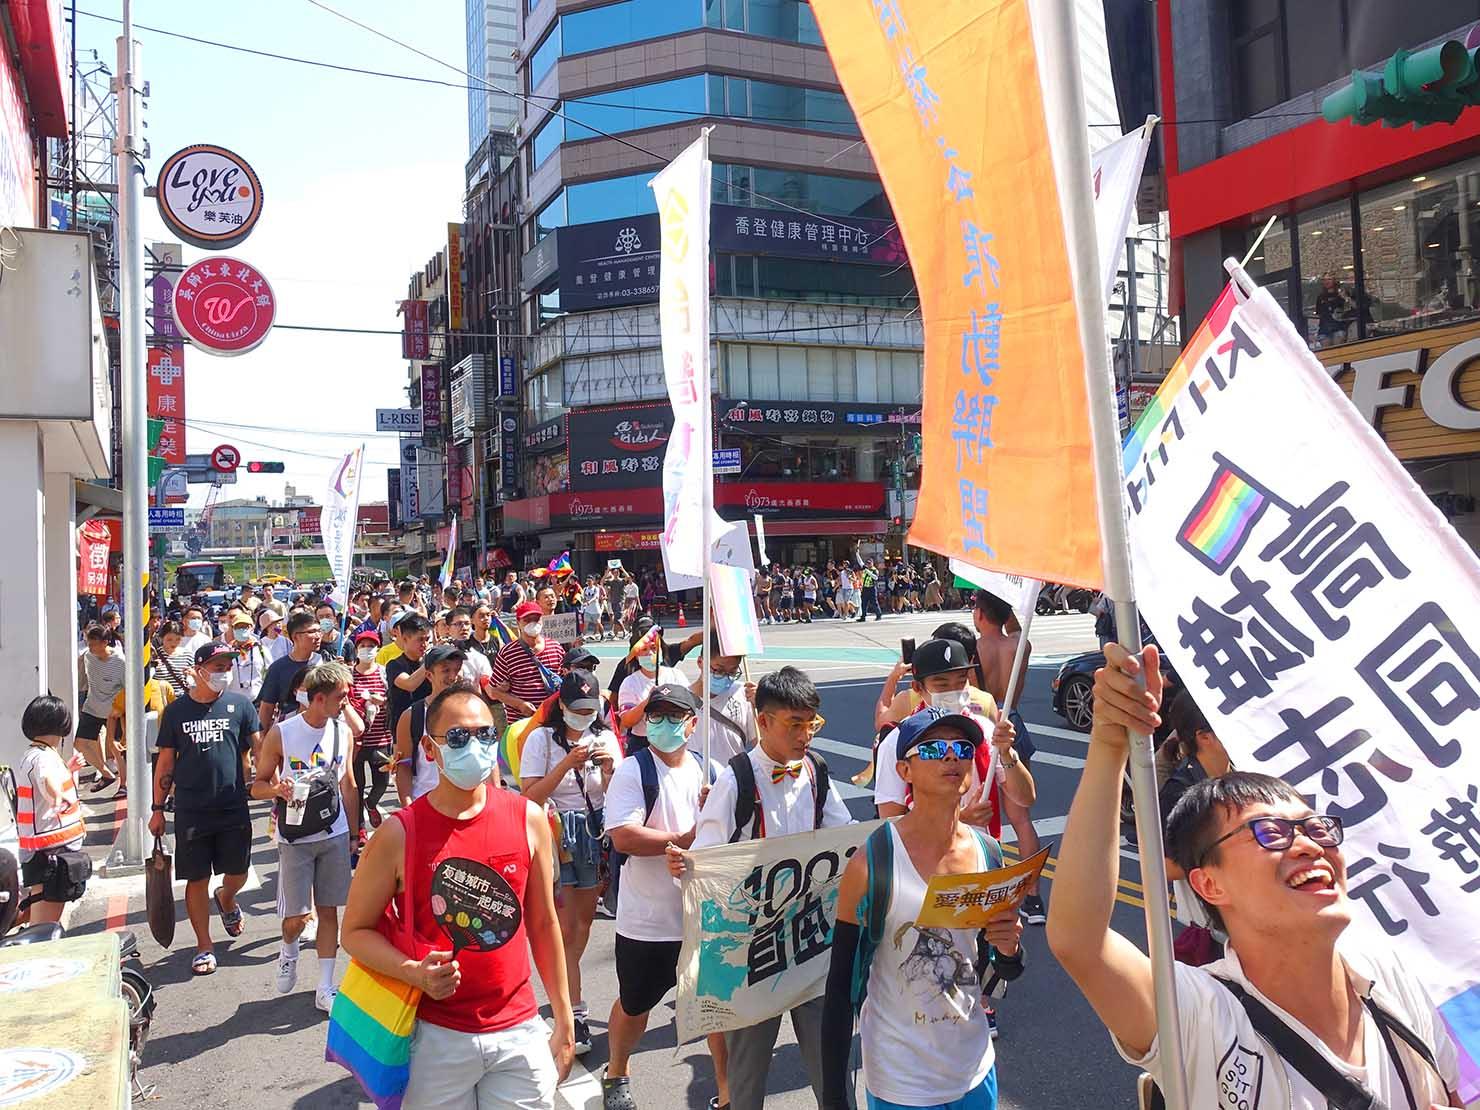 台湾・桃園のLGBTプライド「桃園彩虹野餐日」2020で方向転換するパレード隊列